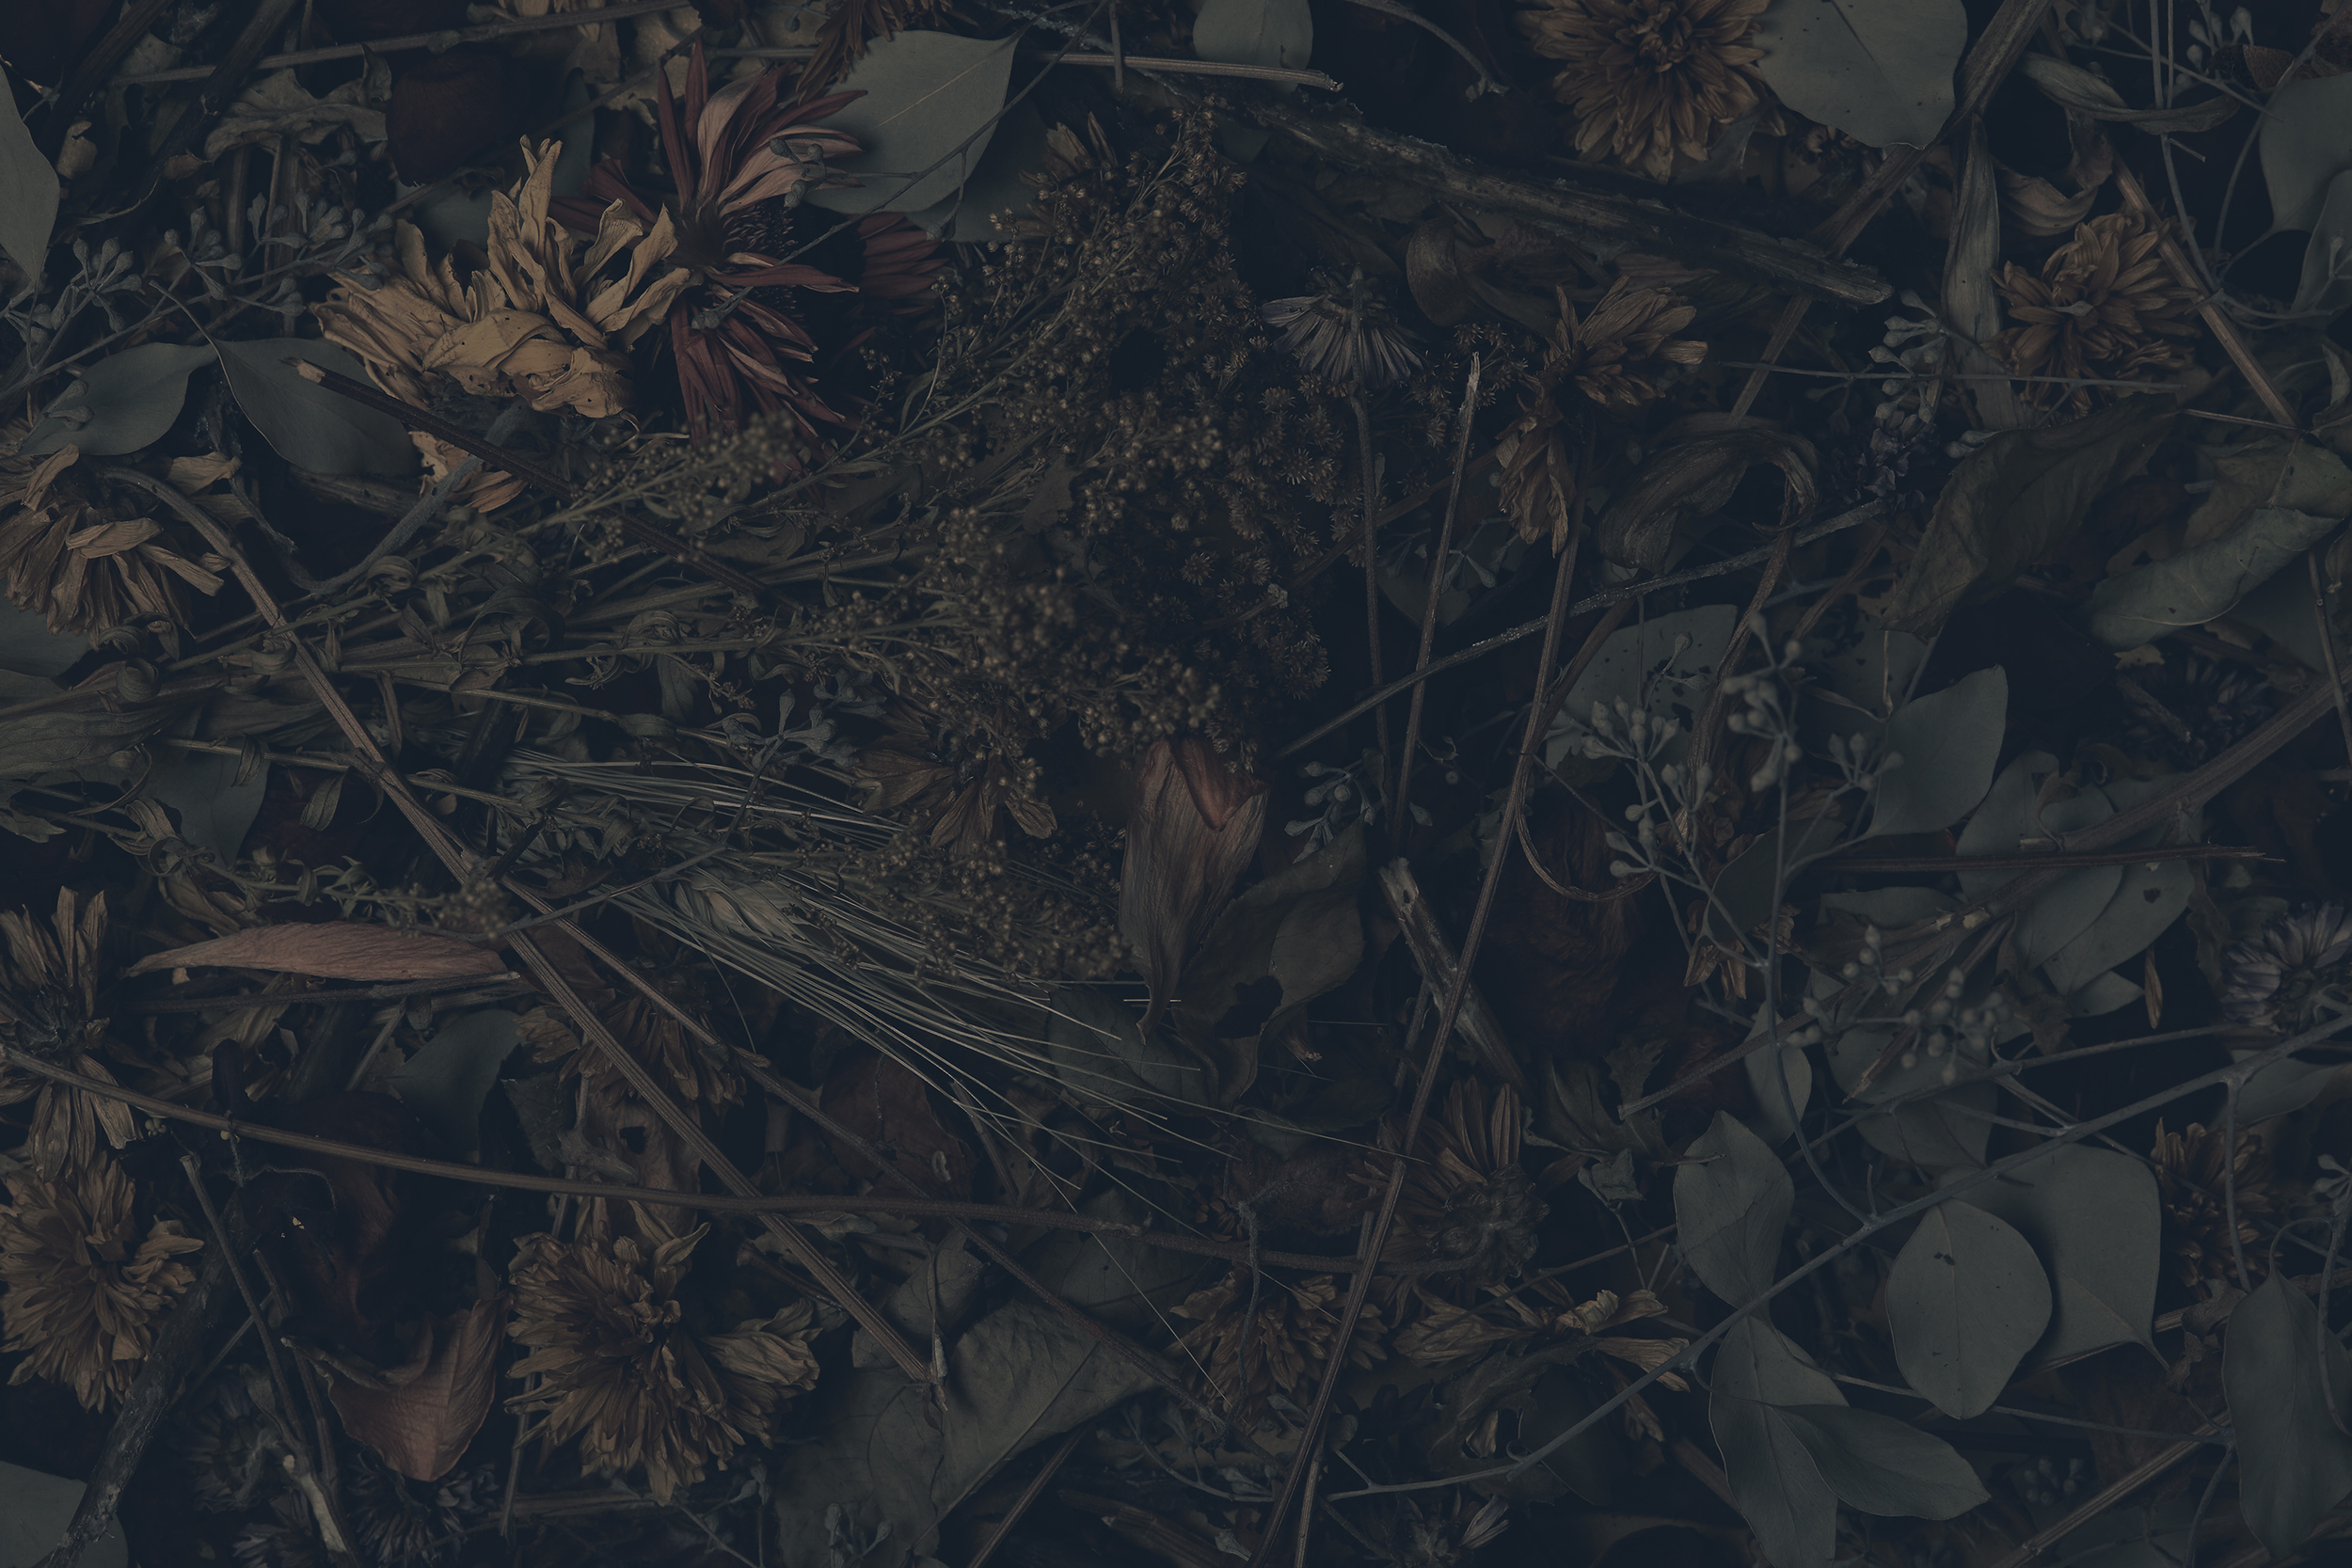 deadflowers2582_3k.jpg